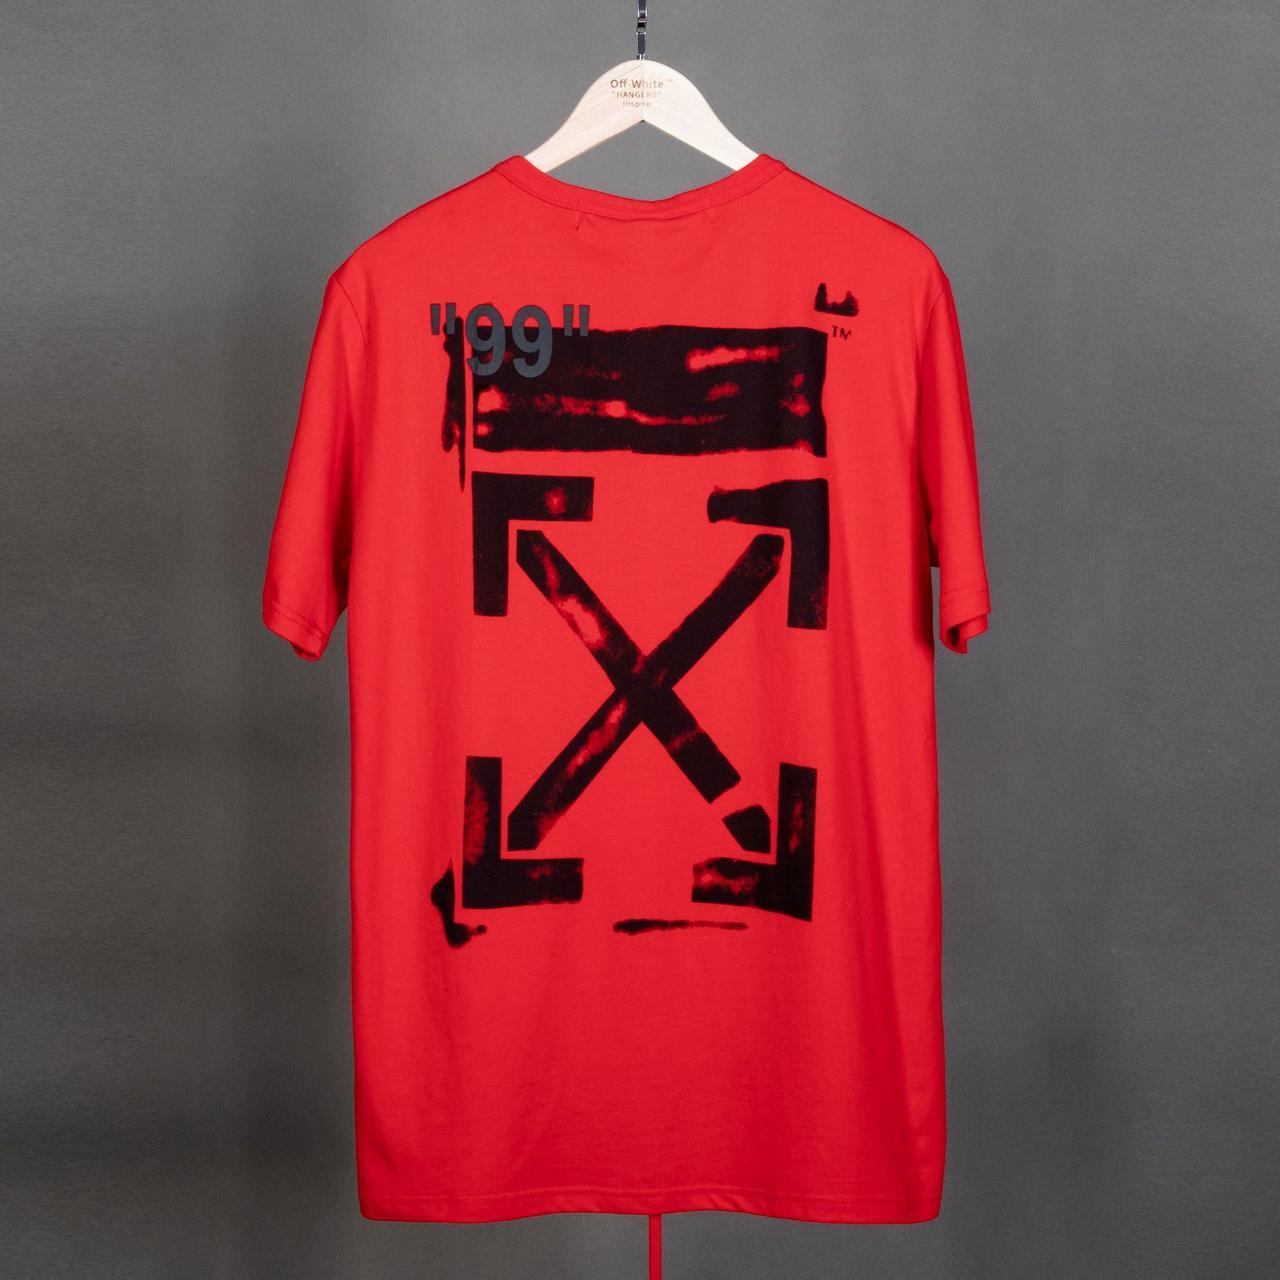 Красная футболка Off white impressionism (с чёрными стрелками офф вайт мужская женская)